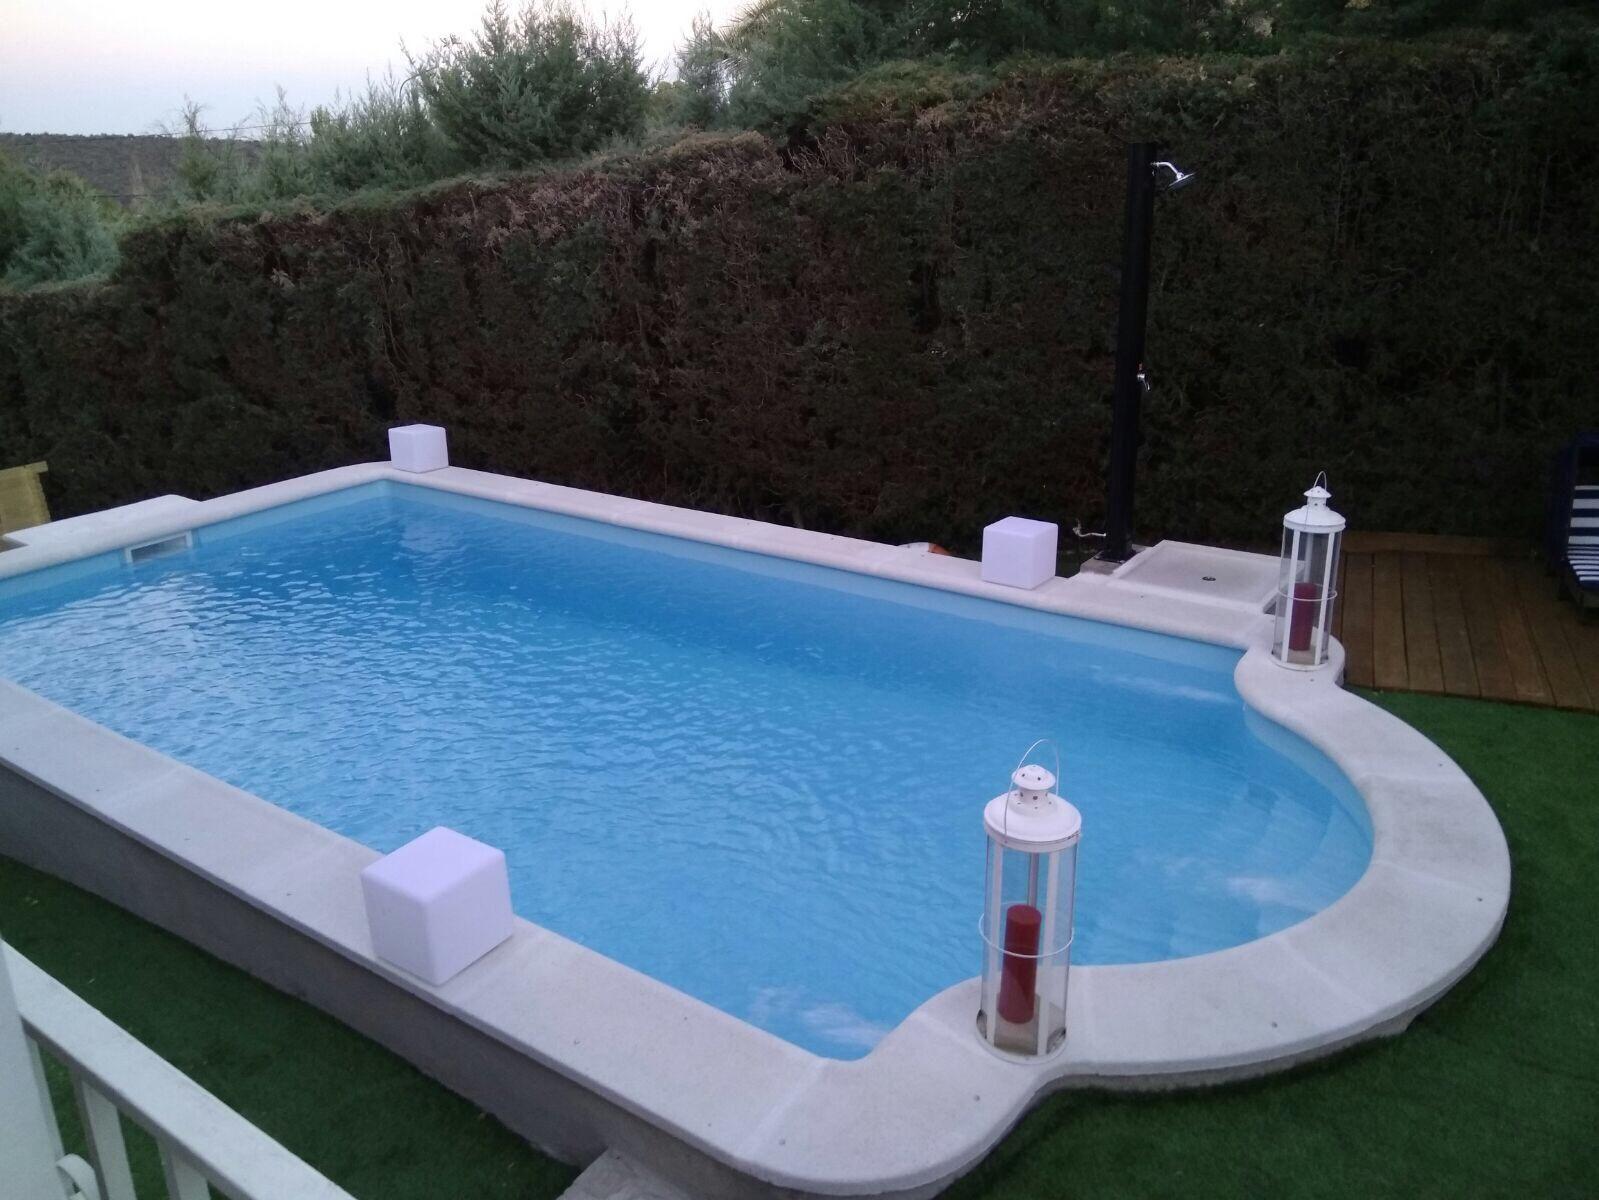 Foto 72 de Instalación de piscinas en  | Bordes de Piscinas J. Antonio Alonso